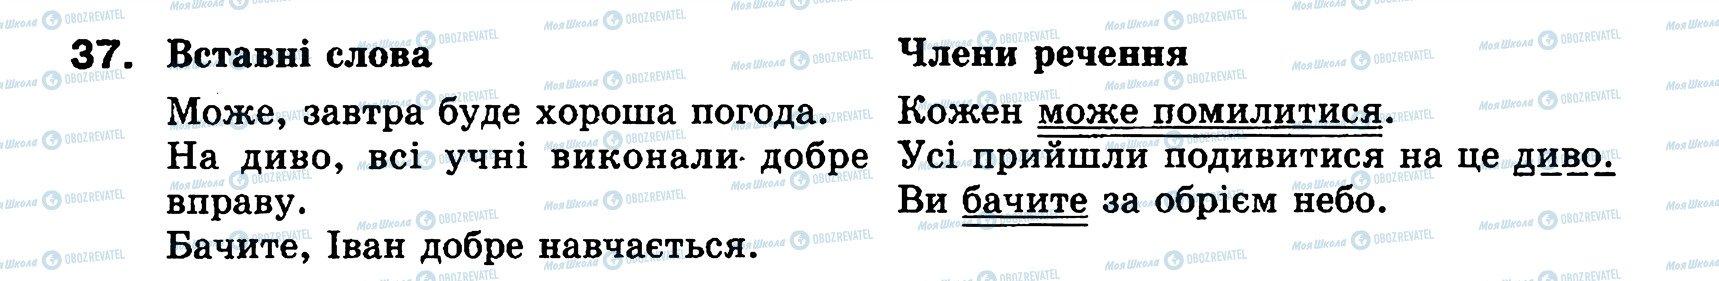 ГДЗ Українська мова 8 клас сторінка 37